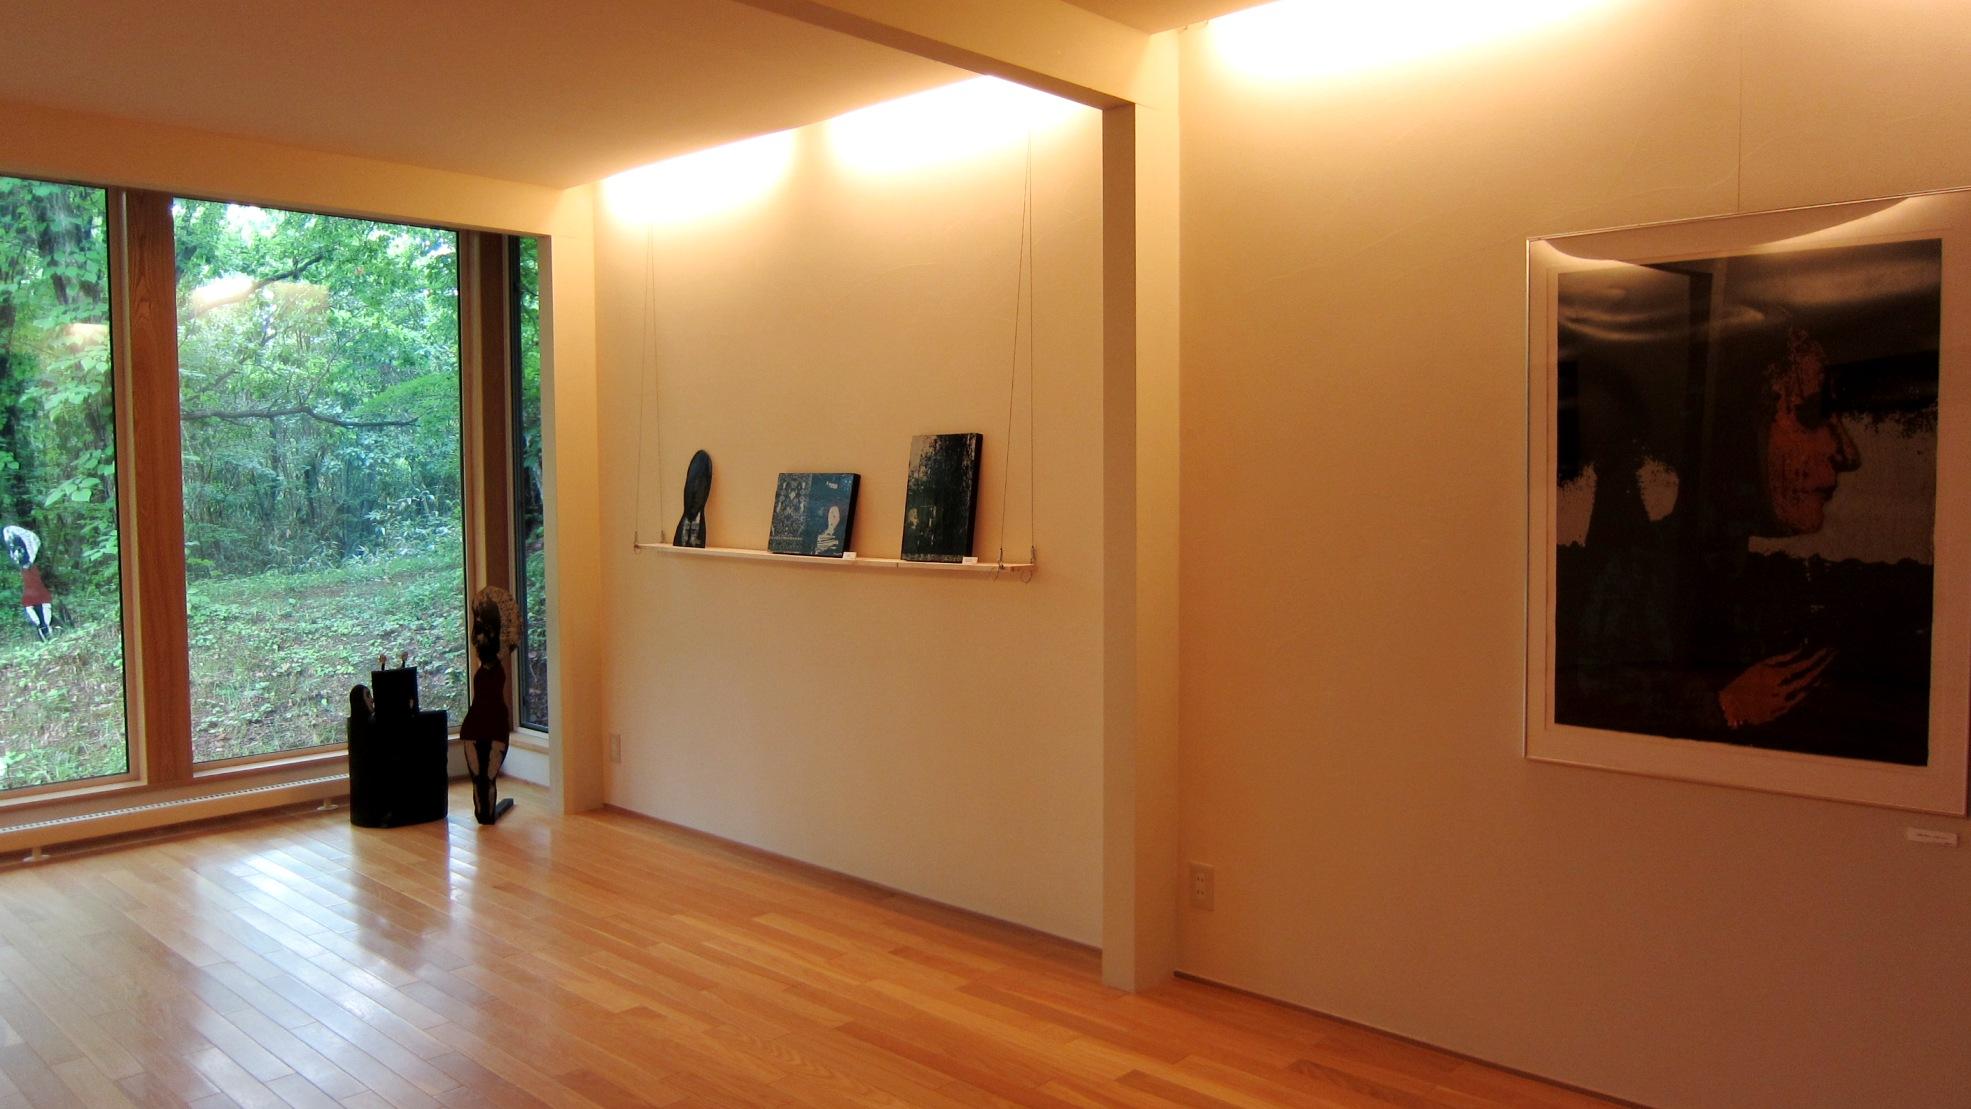 2090)終了「松浦進 展 『cryptic』」北広島市・黒い森美術館 7月1.2.3・・8.9.10日  _f0126829_23583852.jpg